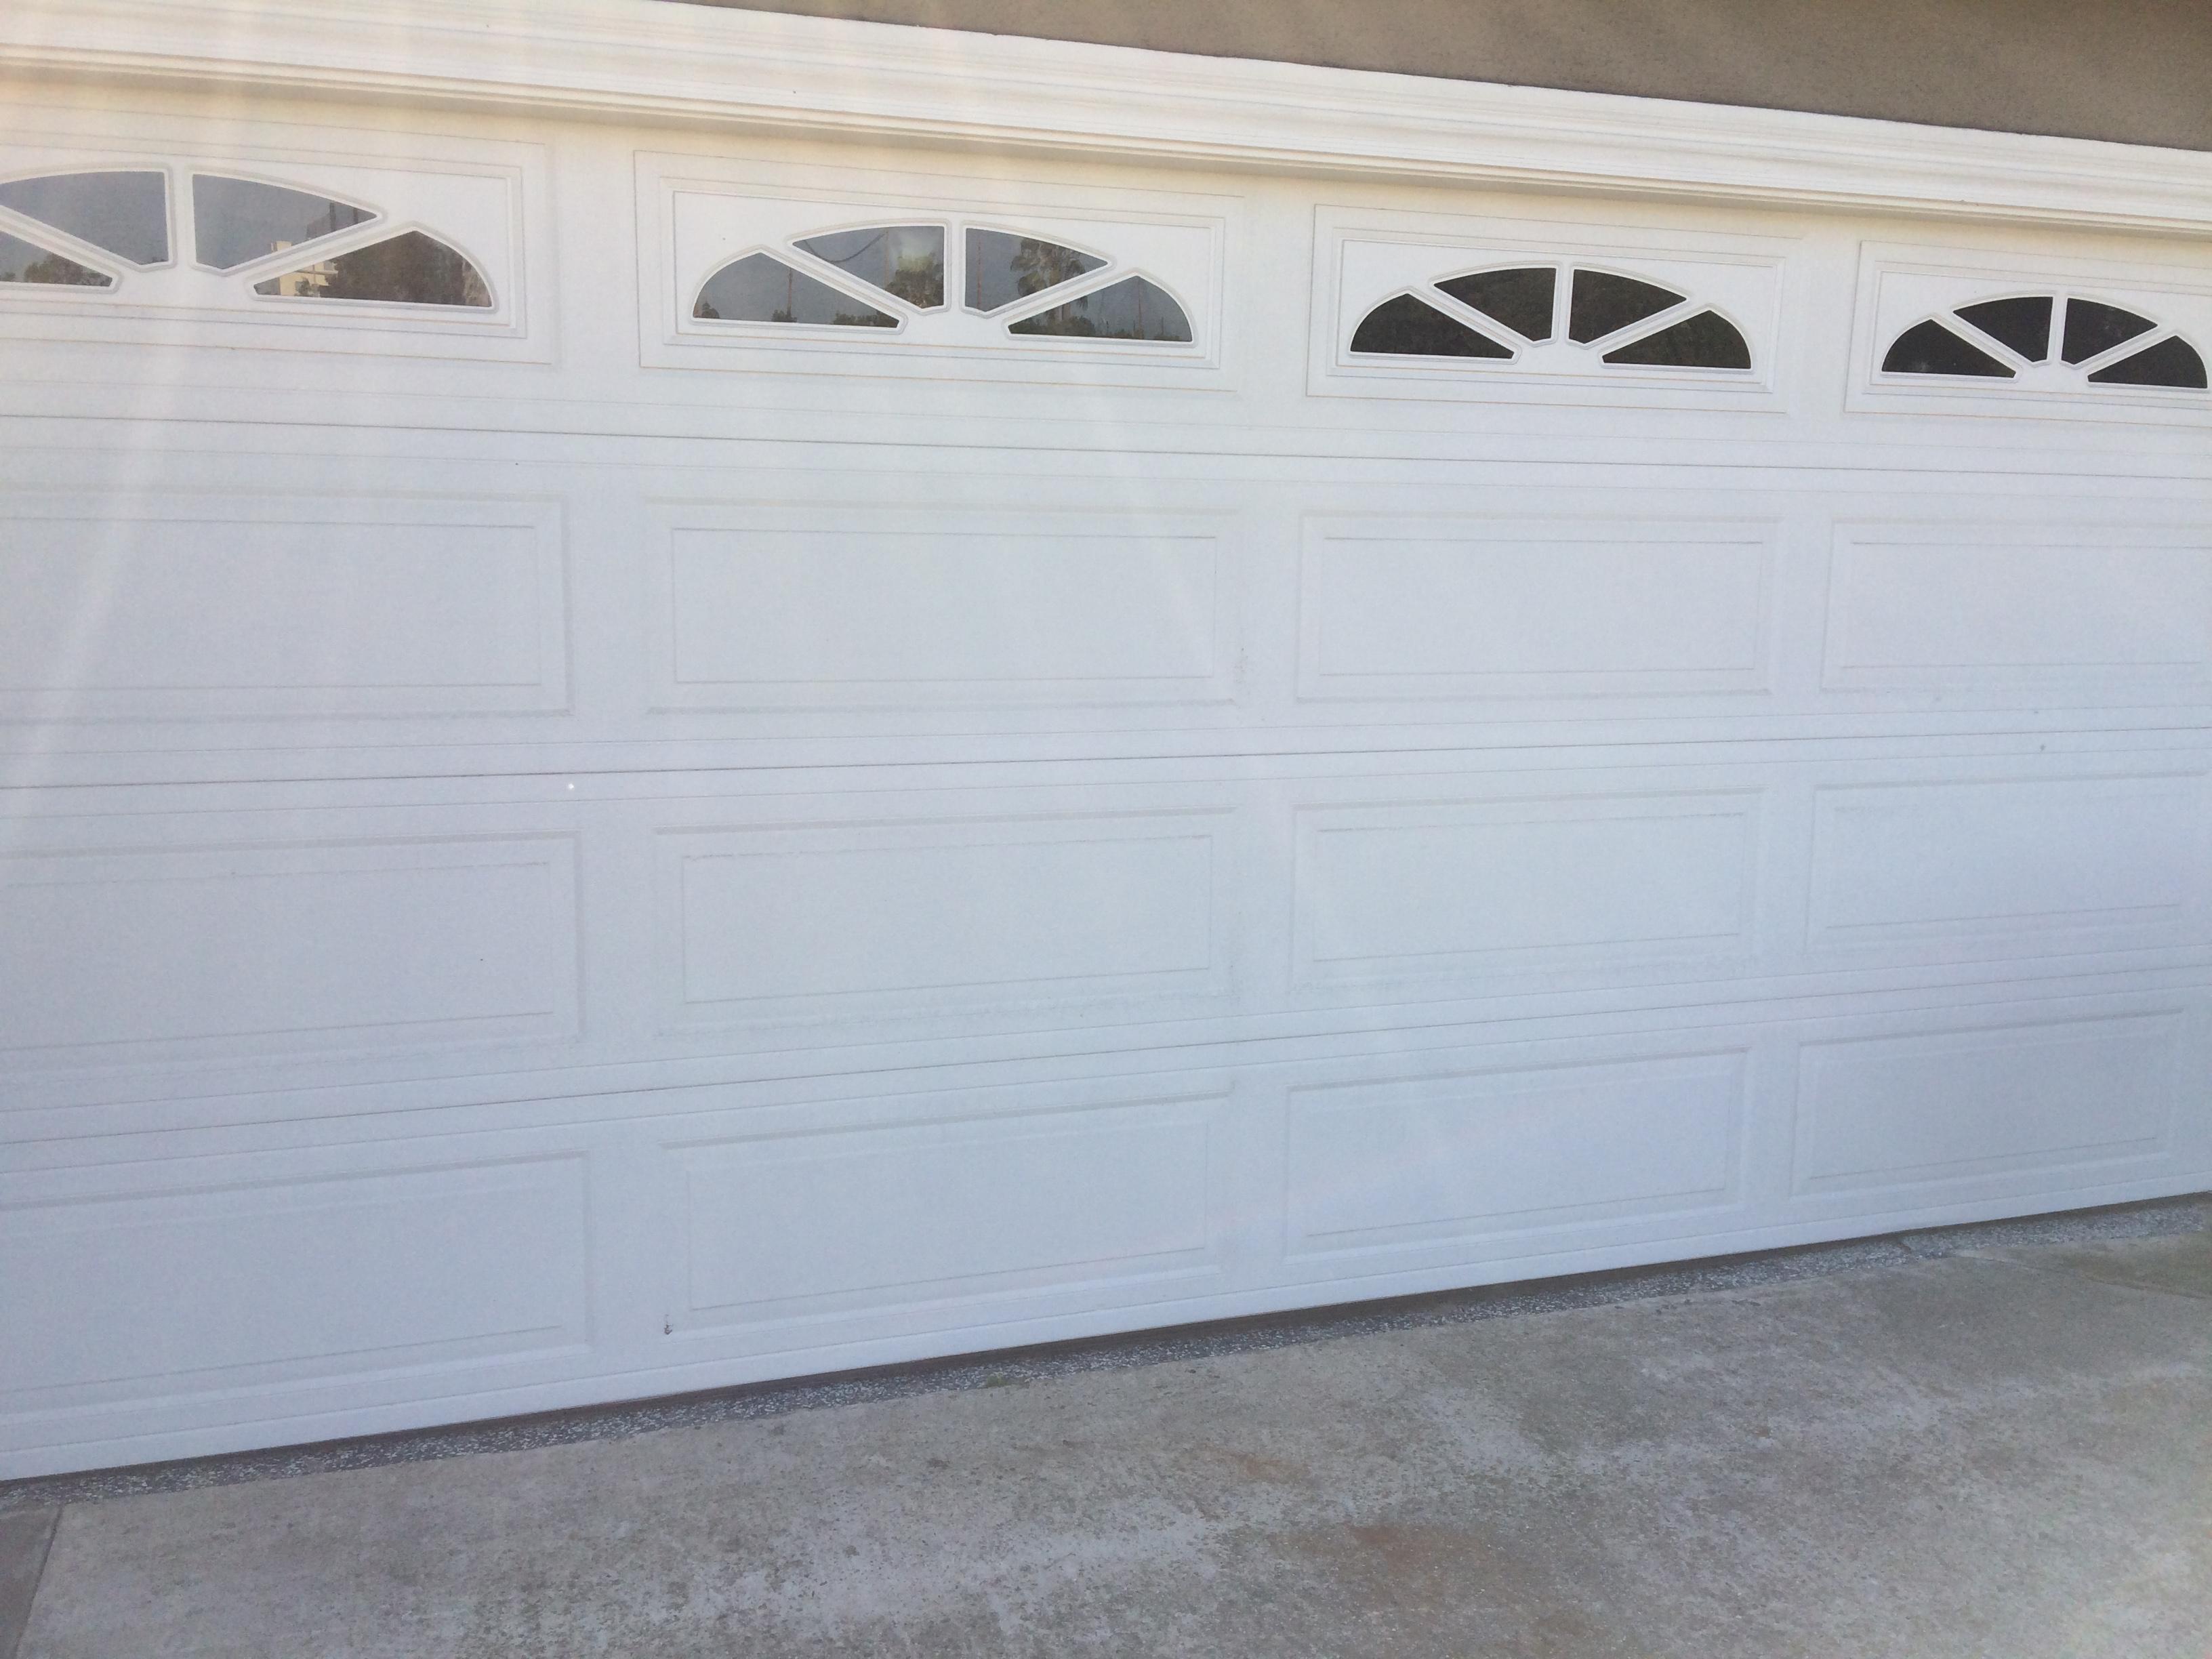 How Should I Level An Uneven Epoxy Garage Door Threshold